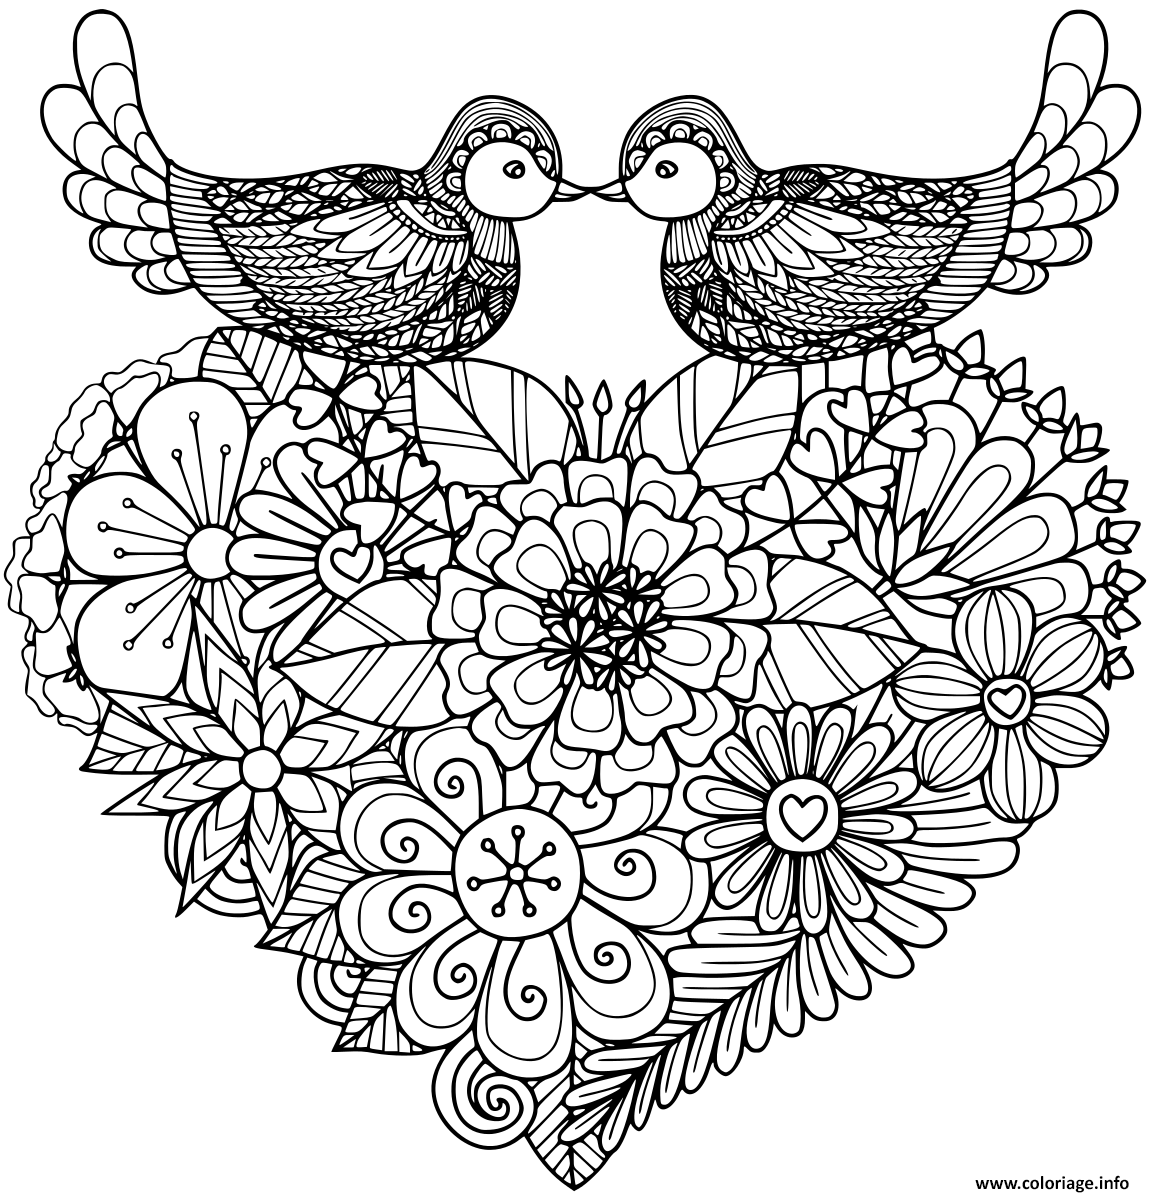 Dessin deux oiseaux amoureux coeur fleurs Coloriage Gratuit à Imprimer